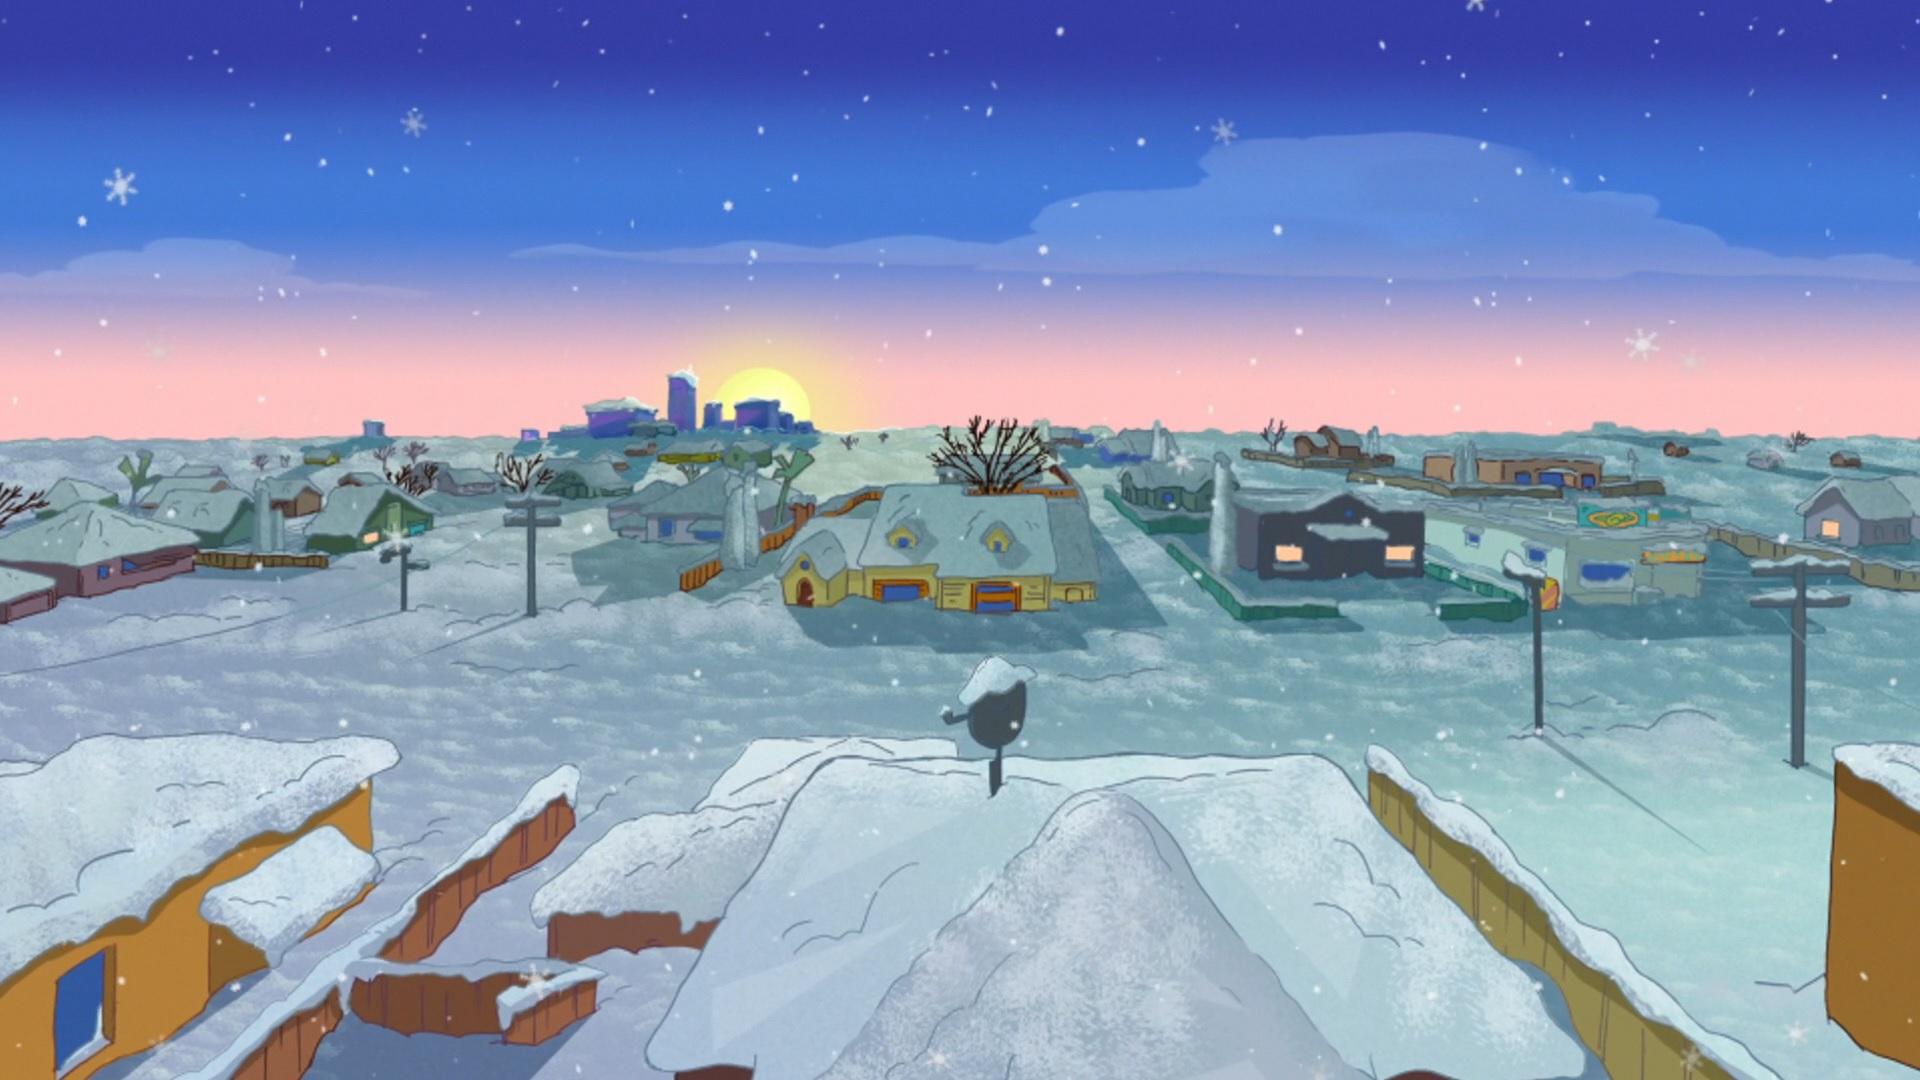 Panoramio - Photo of Snowy Neighborhood